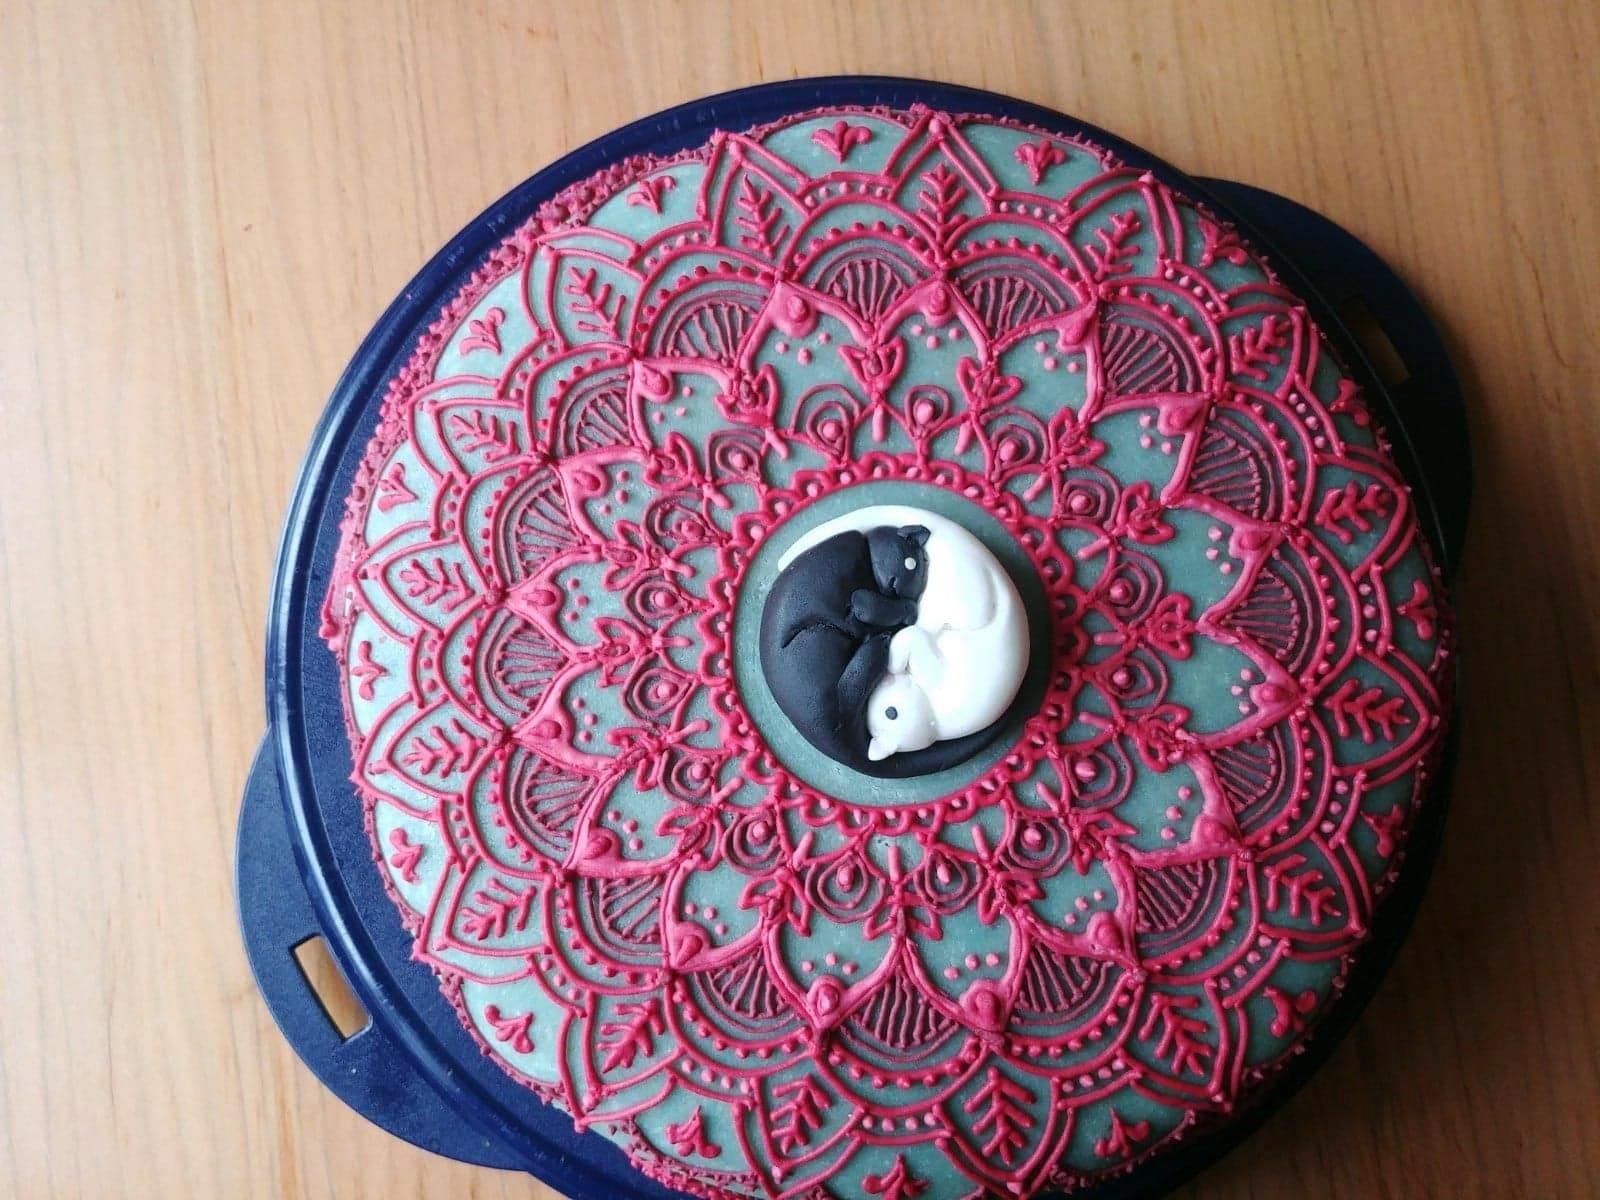 Mandala kitty cake baking cat cake eat cake naan bread